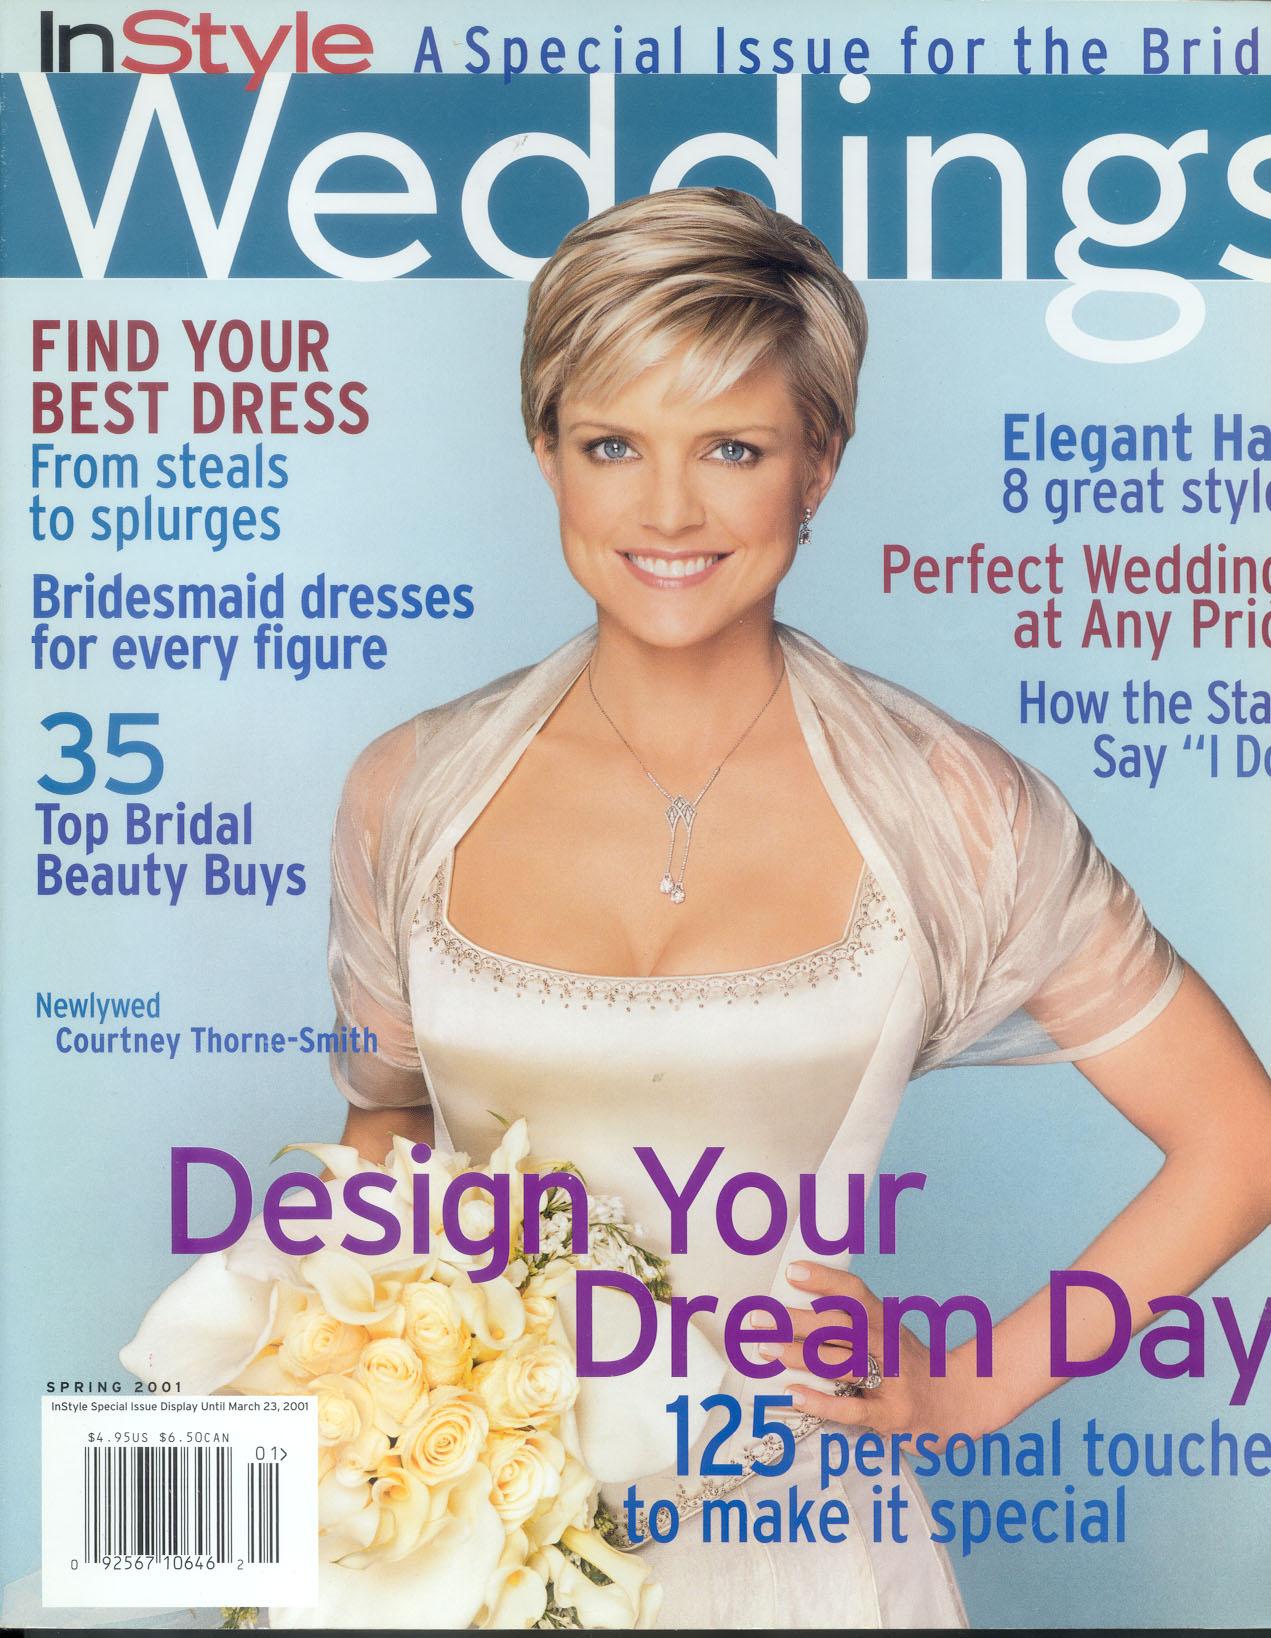 instyle weddings cover.jpg